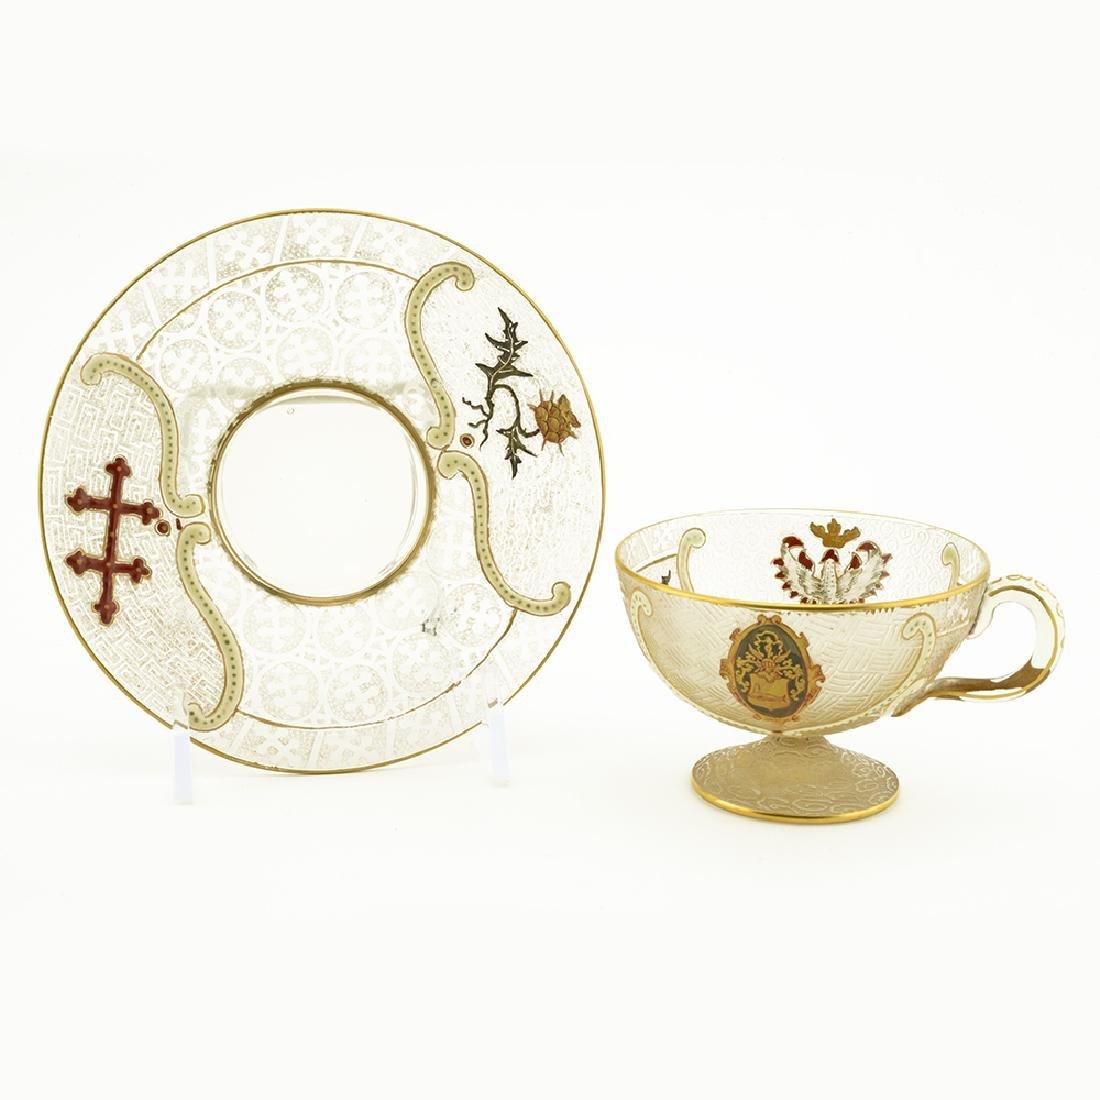 Daum enameled cameo glass cup & saucer